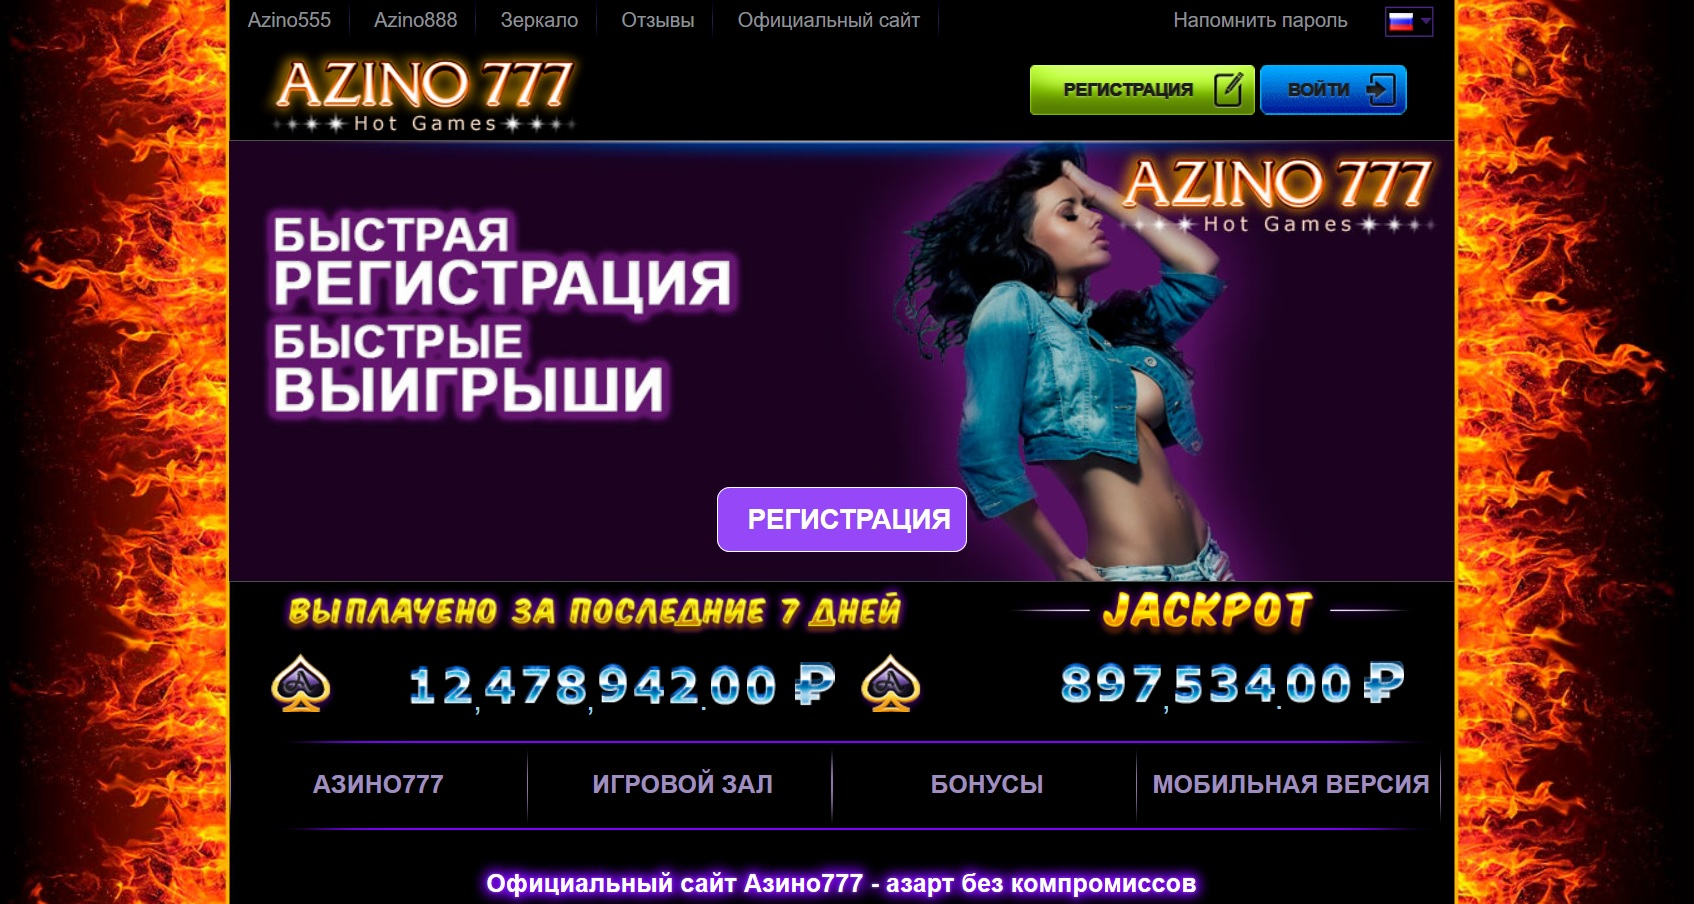 азино777 играть онлайн официальный